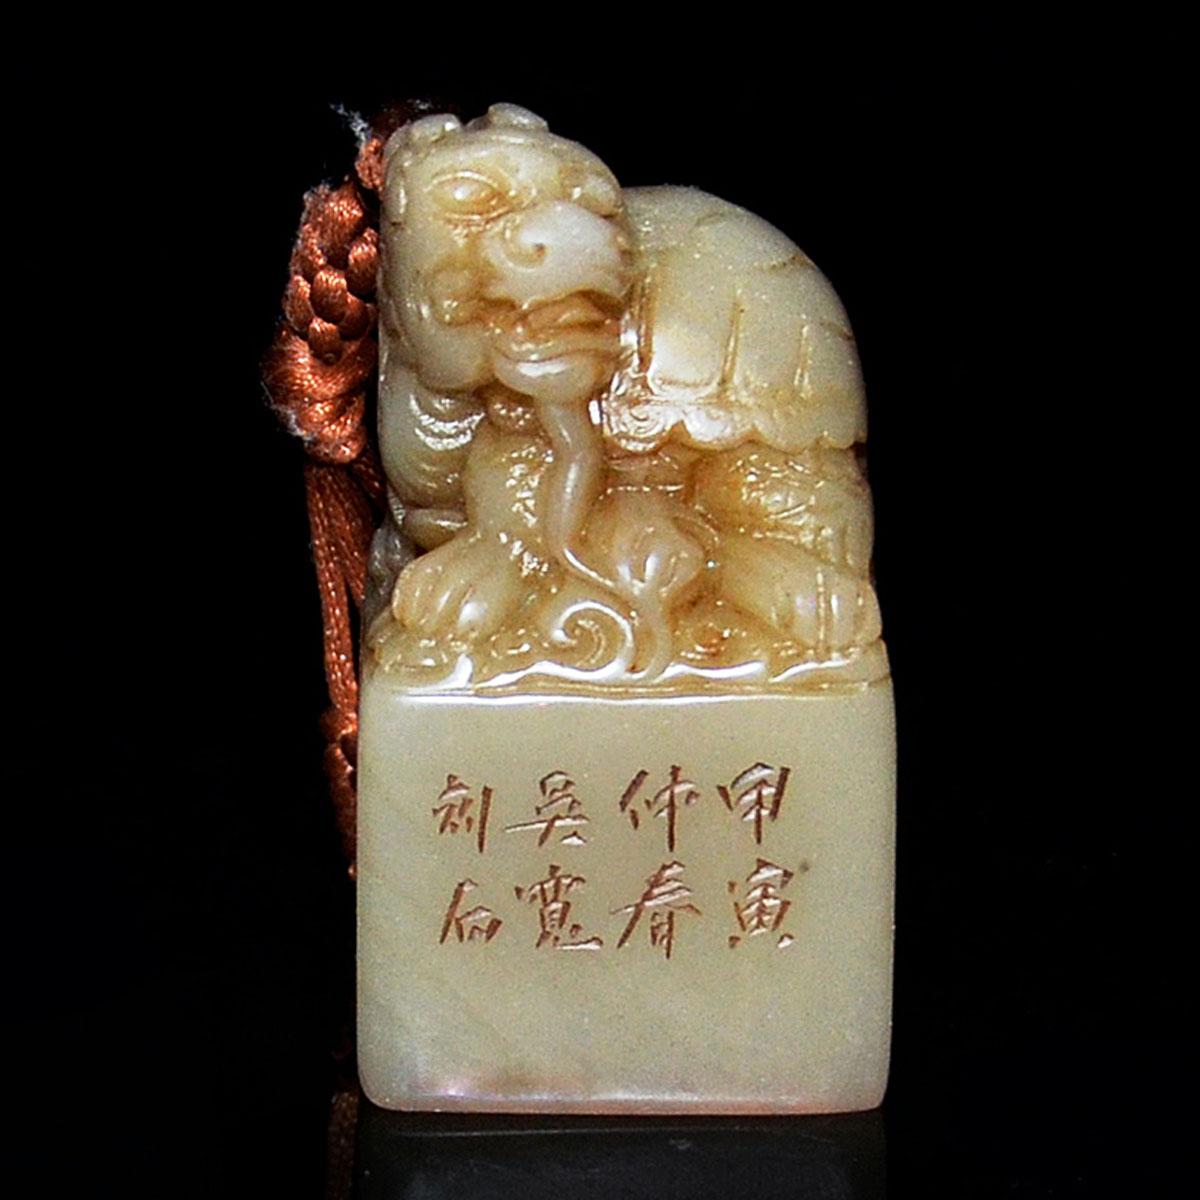 明-吳寬-芙蓉石雕龍龜鈕印章 刻文(甲寅仲春吳寬刻石) 印文(修竹書房) Ming, Furong Stone Seal with Carved Dragon-Tortoise Knob .